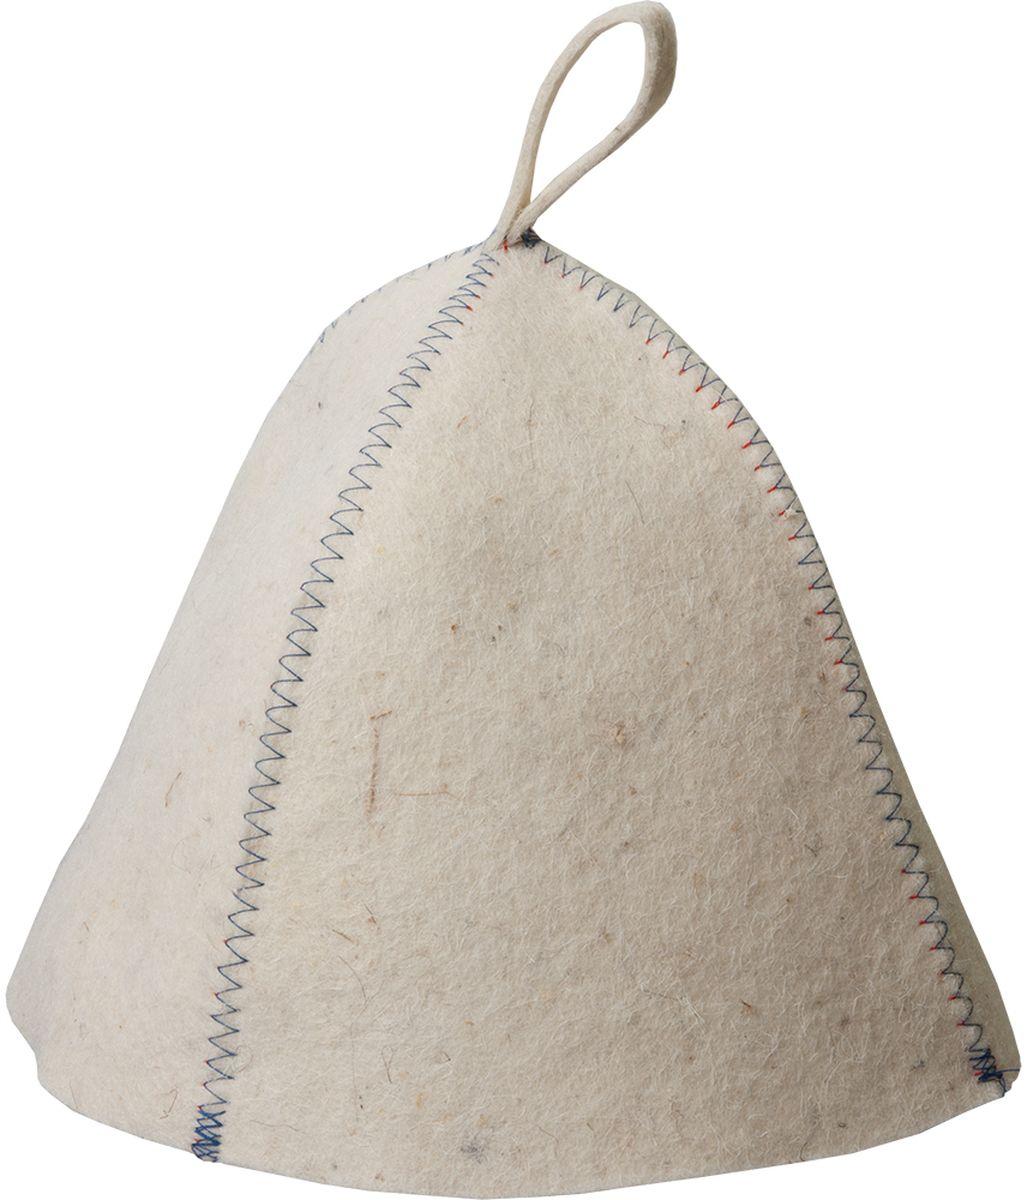 Шапка для бани и сауны Hot Pot Классика. Цветной зигзаг41162Шапка для бани и сауны Hot Pot — это необходимый аксессуар при посещении парной. Такая шапка защитит от головокружения и перегрева головы, а также предотвратит ломкость и сухость волос. Изделие замечательно впитывает влагу, хорошо сидит на голове, обеспечивает комфорт и удовольствие от отдыха в парилке. Незаменима в традиционной русской бане, также используется в финских саунах, где температура сухого воздуха может достигать 100°С. Шапка выполнена в классическом дизайне и дополнена петлей для подвешивания на крючок.